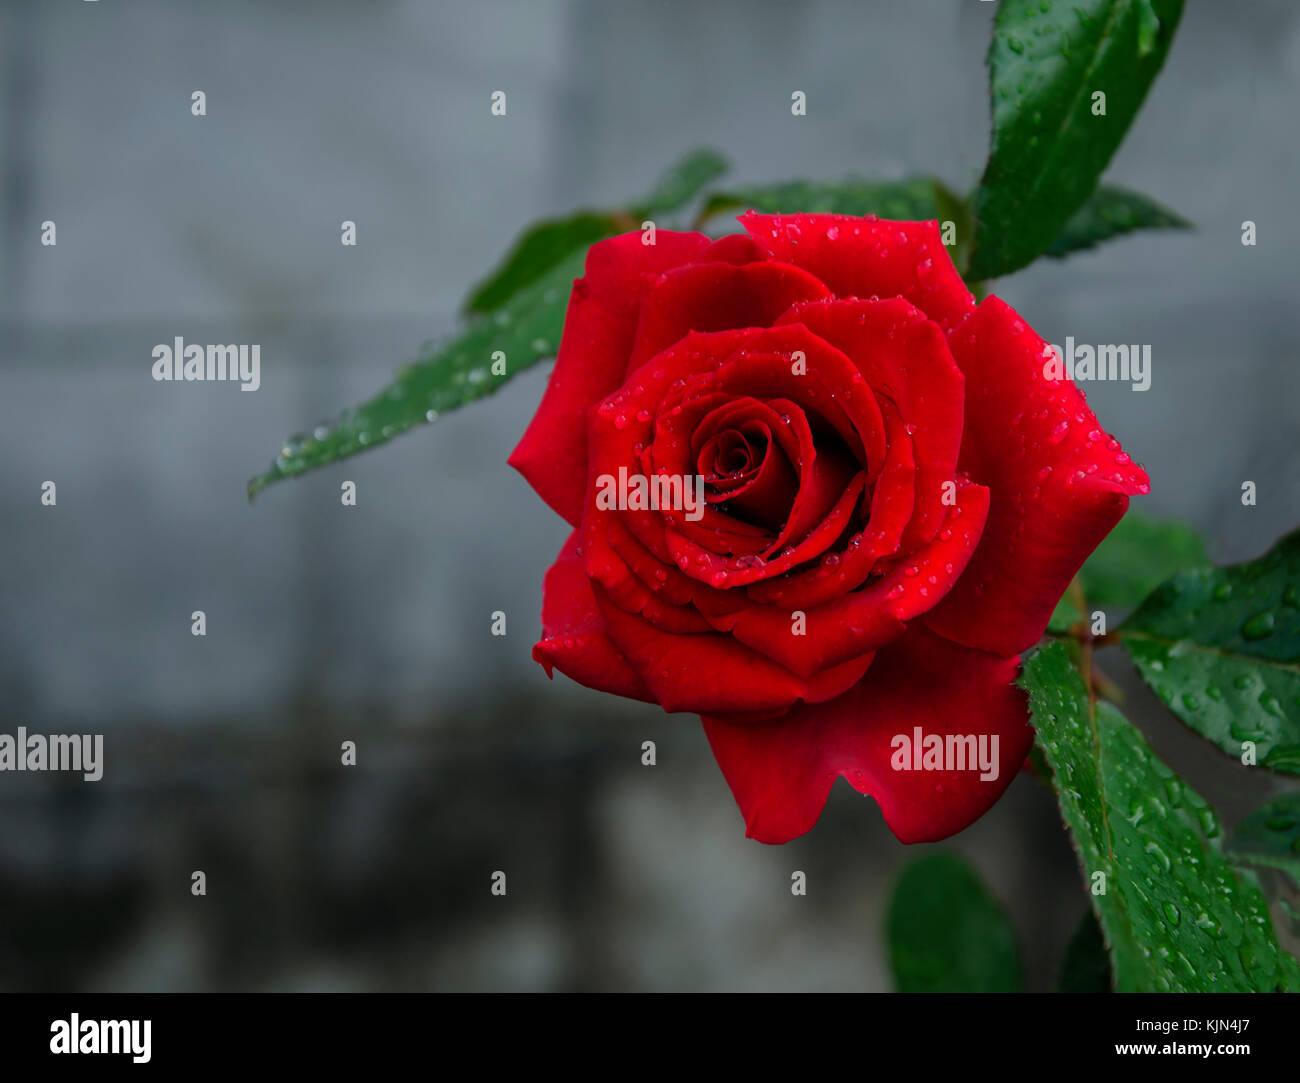 L Ete Dans Le Jardin D Une Belle Fleur Rose Rouge Avec Un Parfum